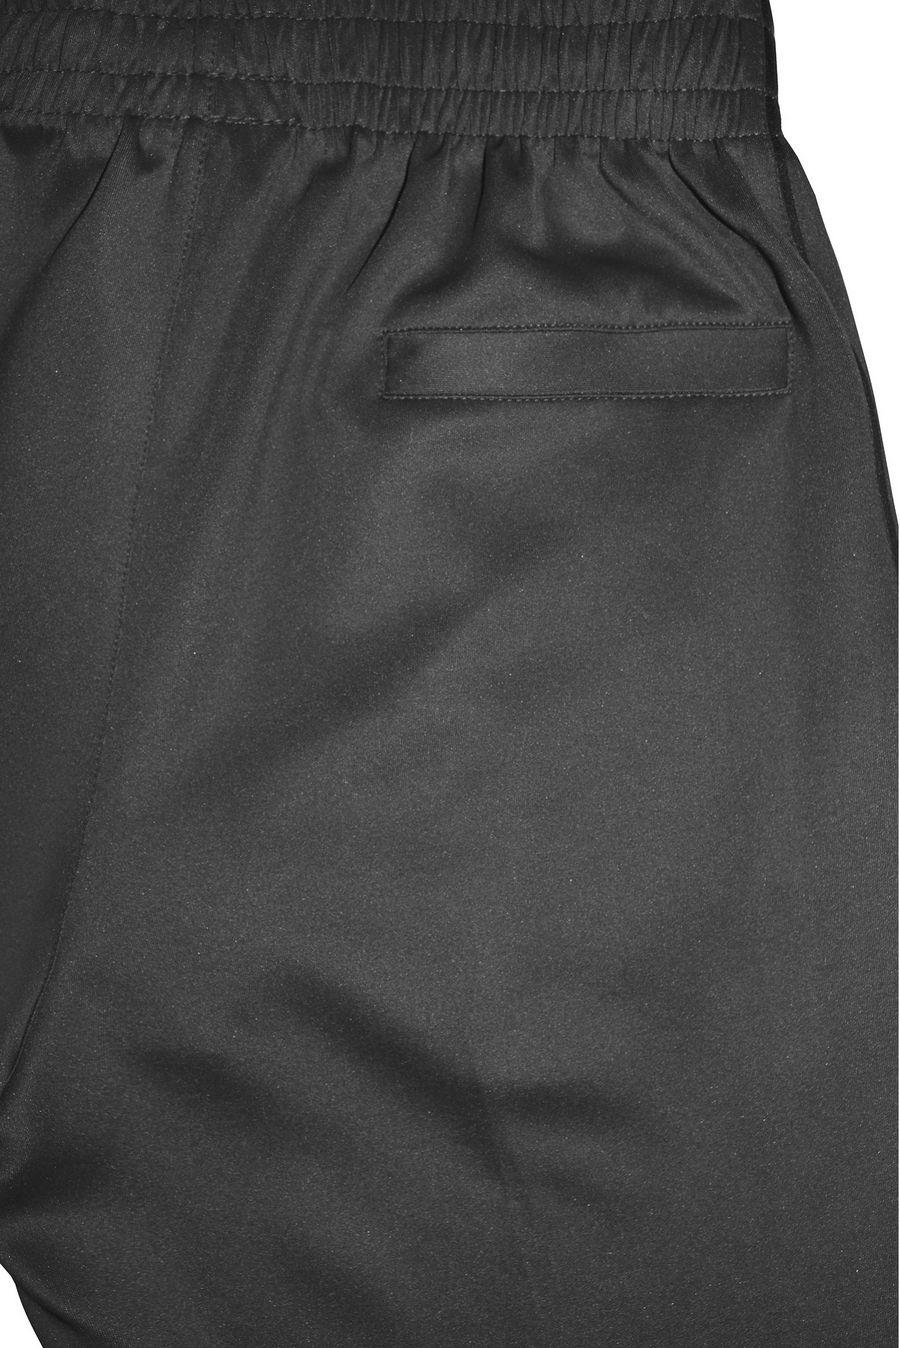 Брюки мужские GL J1086 черные - фото 2